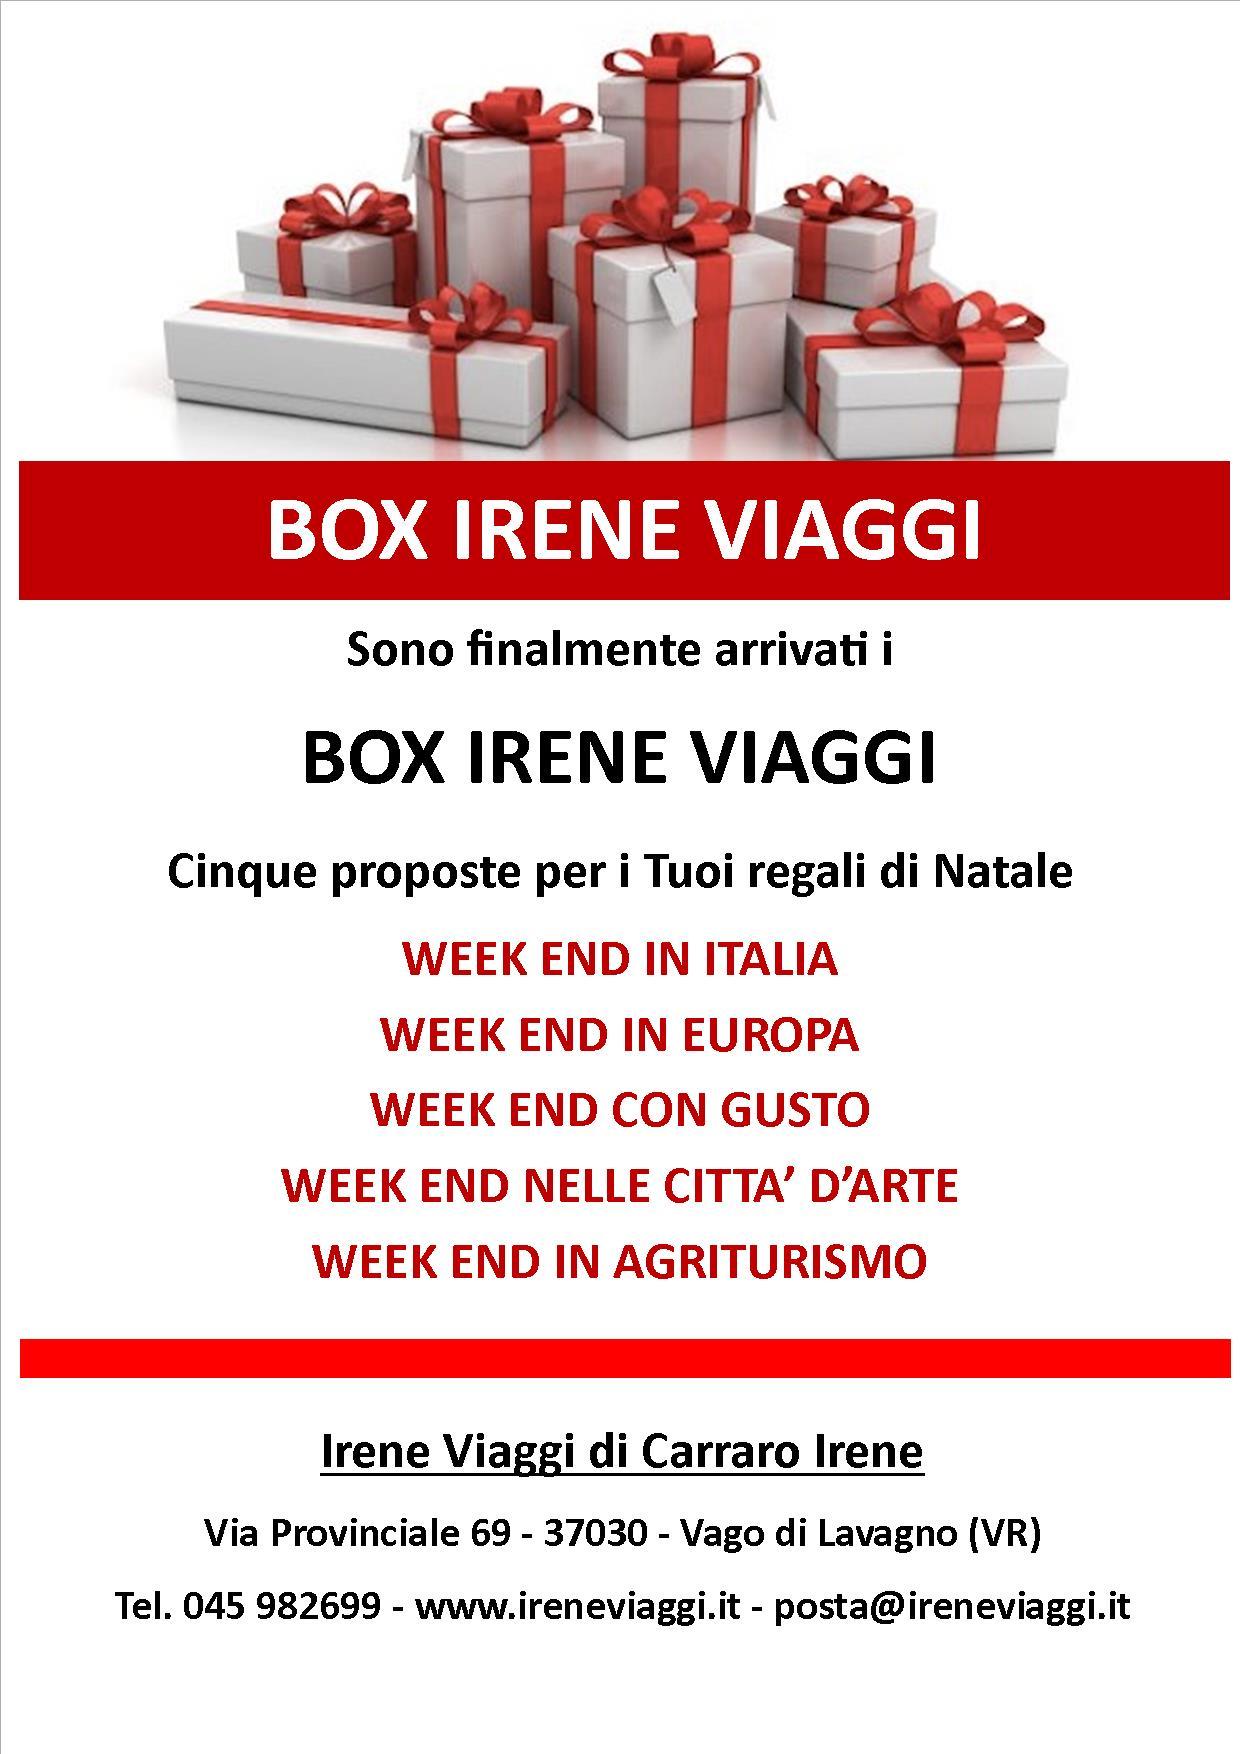 Box Irene Viaggi